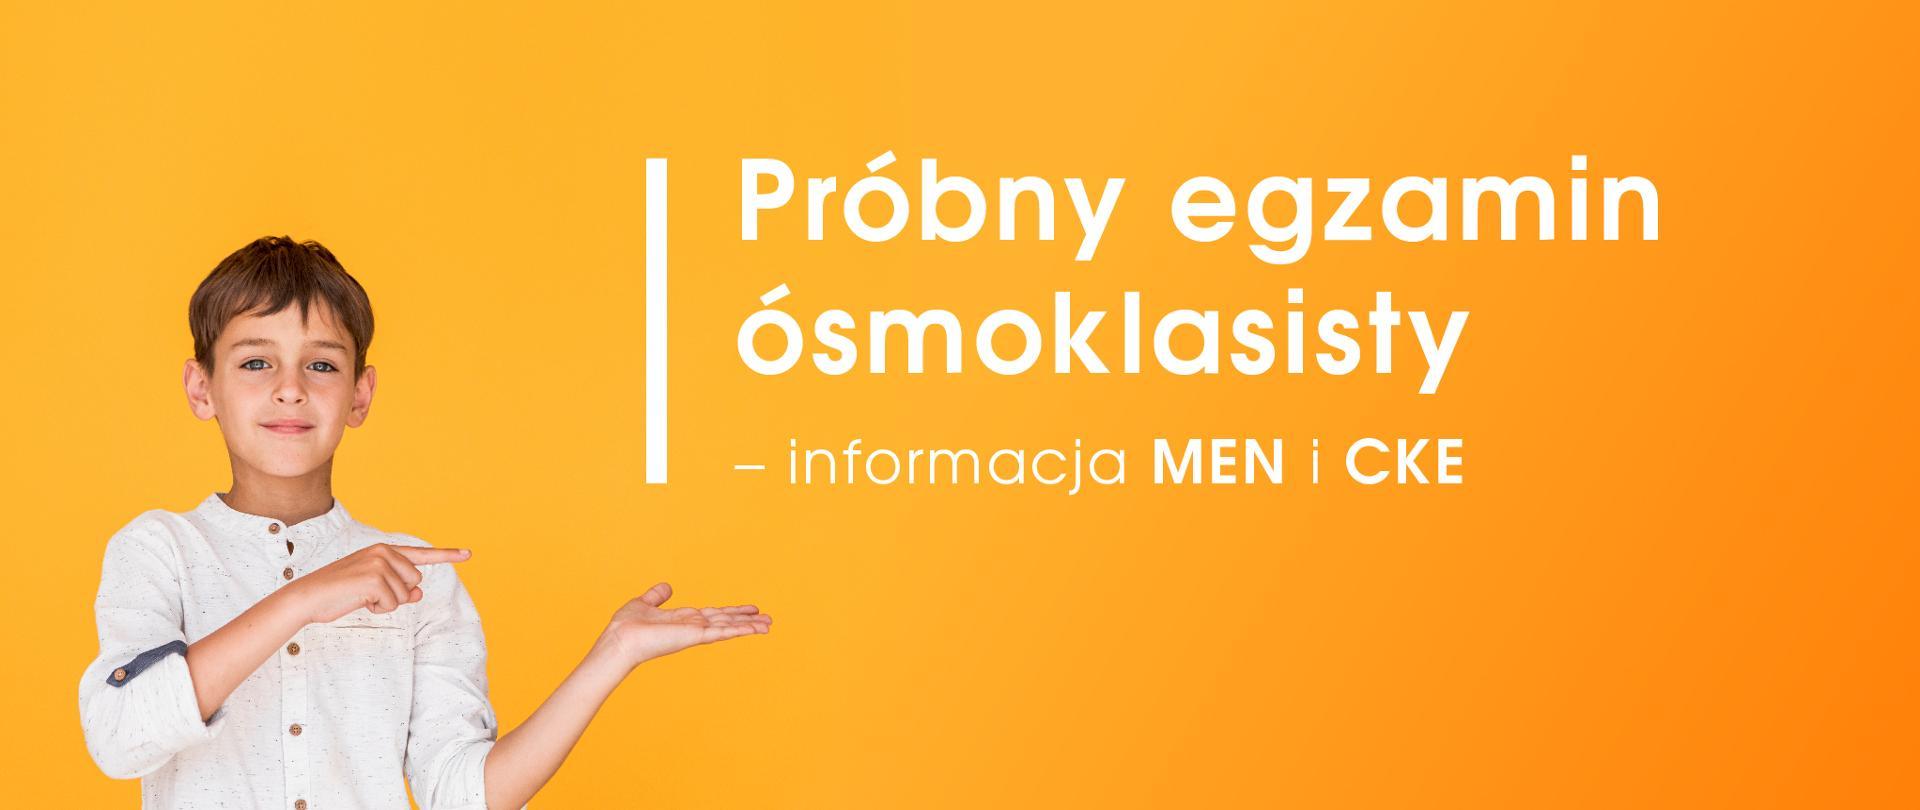 Chłopiec na żółtym tle. Po prawo napis: Próbny egzamin ósmoklasisty – informacja MEN i CKE